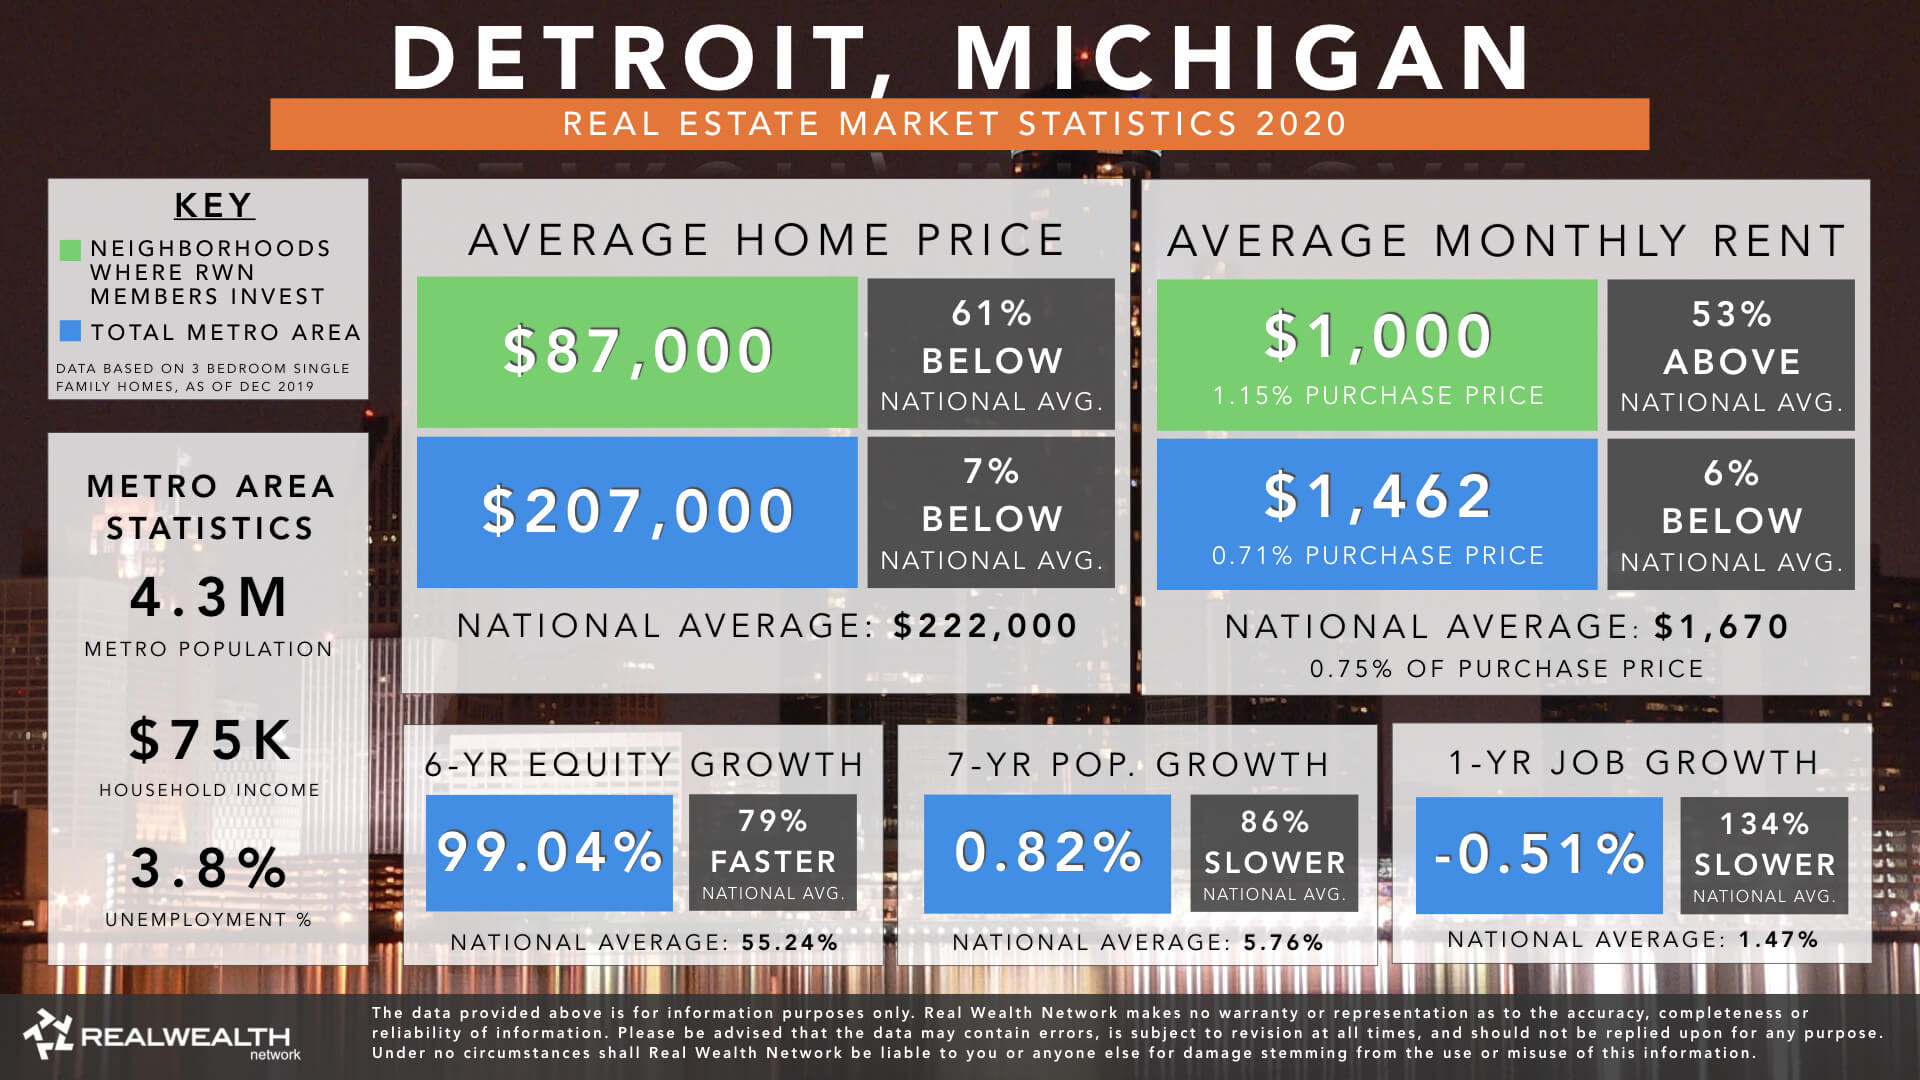 Detroit Real Estate Market Trends & Statistics 2020